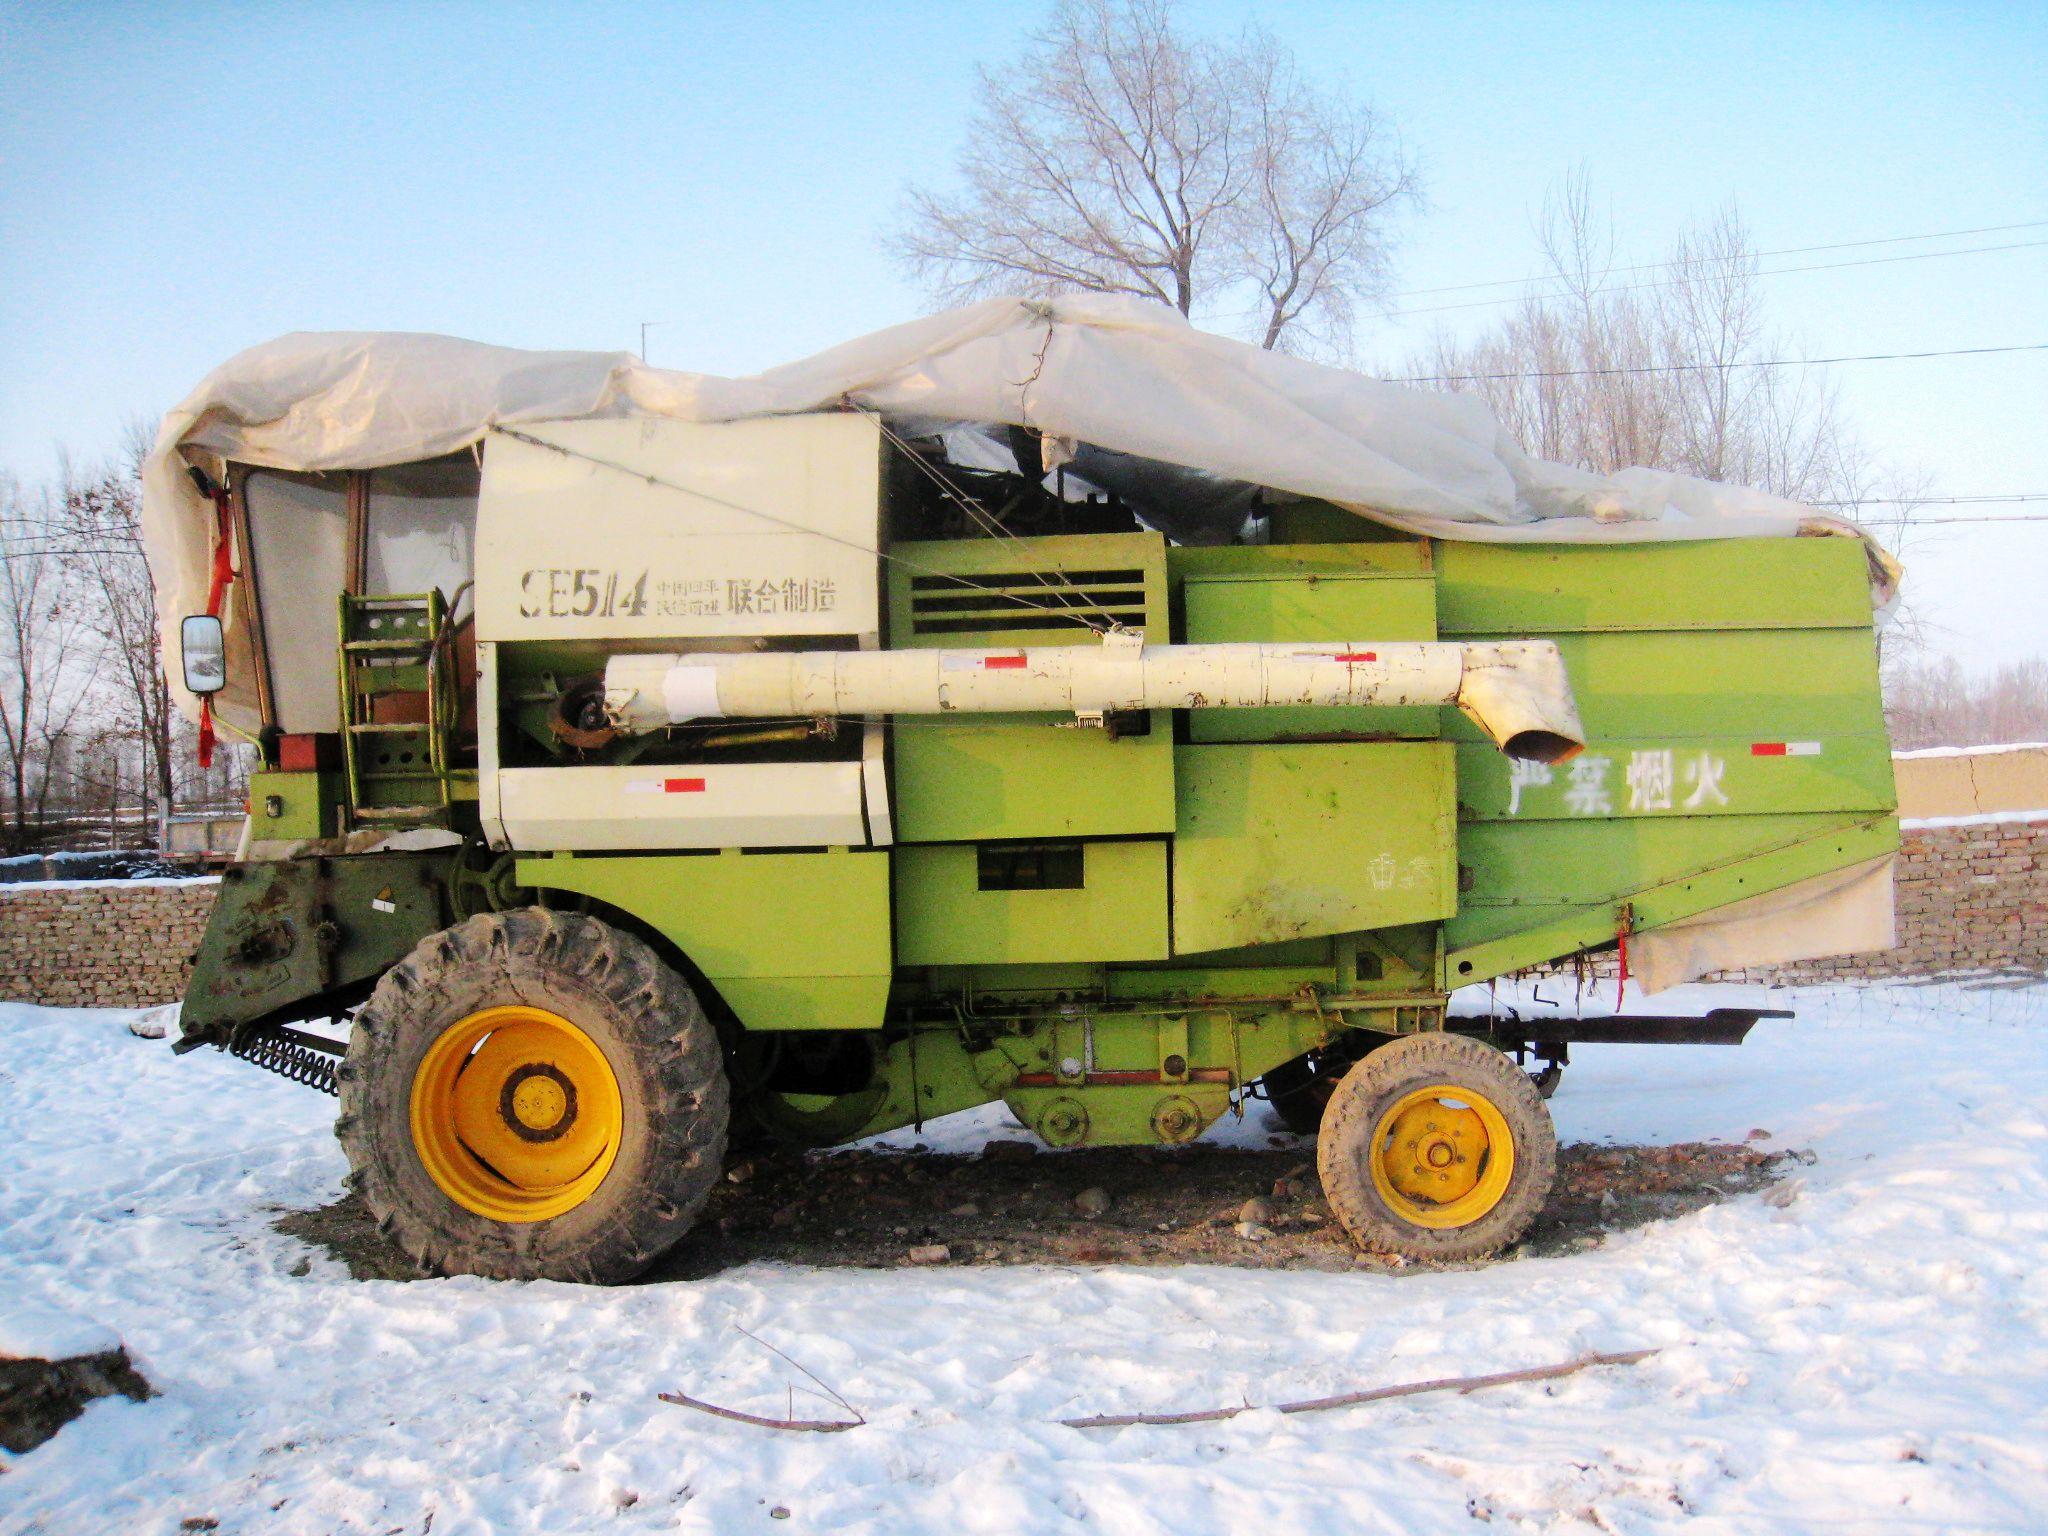 """小麦玉米联合收割机要多少钱(图4)  小麦玉米联合收割机要多少钱(图6)  小麦玉米联合收割机要多少钱(图8)  小麦玉米联合收割机要多少钱(图10)  小麦玉米联合收割机要多少钱(图12)  小麦玉米联合收割机要多少钱(图14) 为了解决用户可能碰到关于""""小麦玉米联合收割机要多少钱""""相关的问题,突袭网经过收集整理为用户提供相关的解决办法,请注意,解决办法仅供参考,不代表本网同意其意见,如有任何问题请与本网联系。""""小麦玉米联合收割机要多少钱""""相关的详细问题如下:小麦玉米联合收割机要多少钱 ==="""